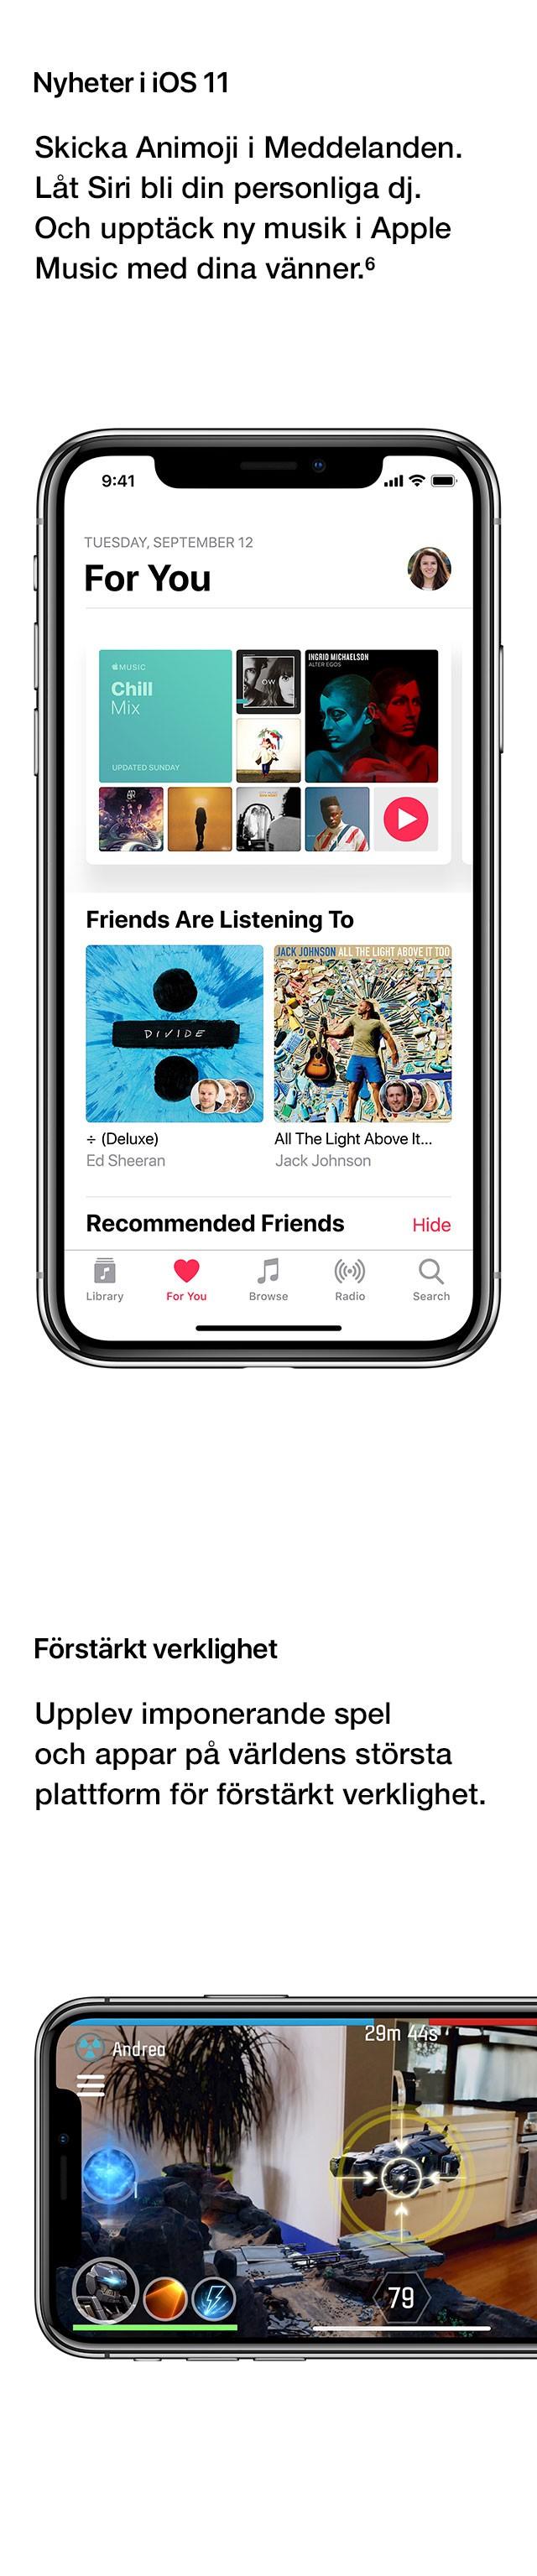 Nyheter i iOS 11